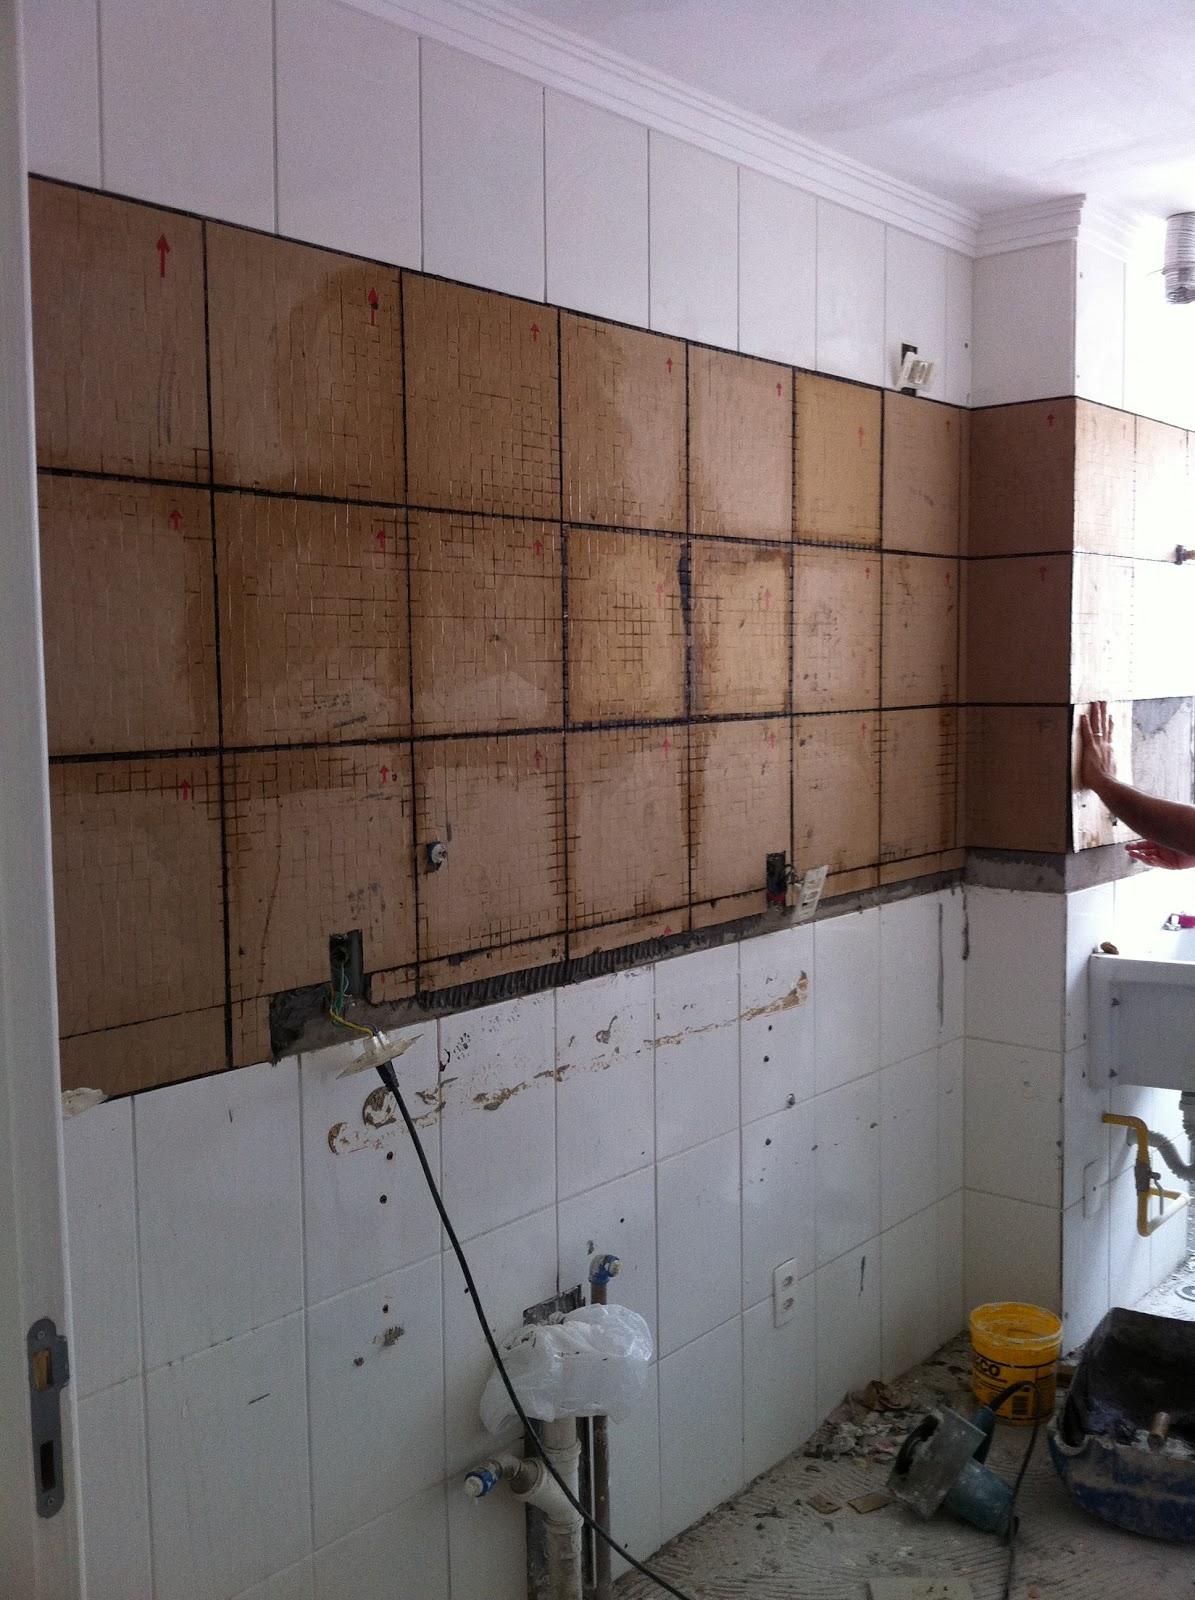 Inspire Crie DECORE: Reformulando a cozinha do AP #614636 1195 1600